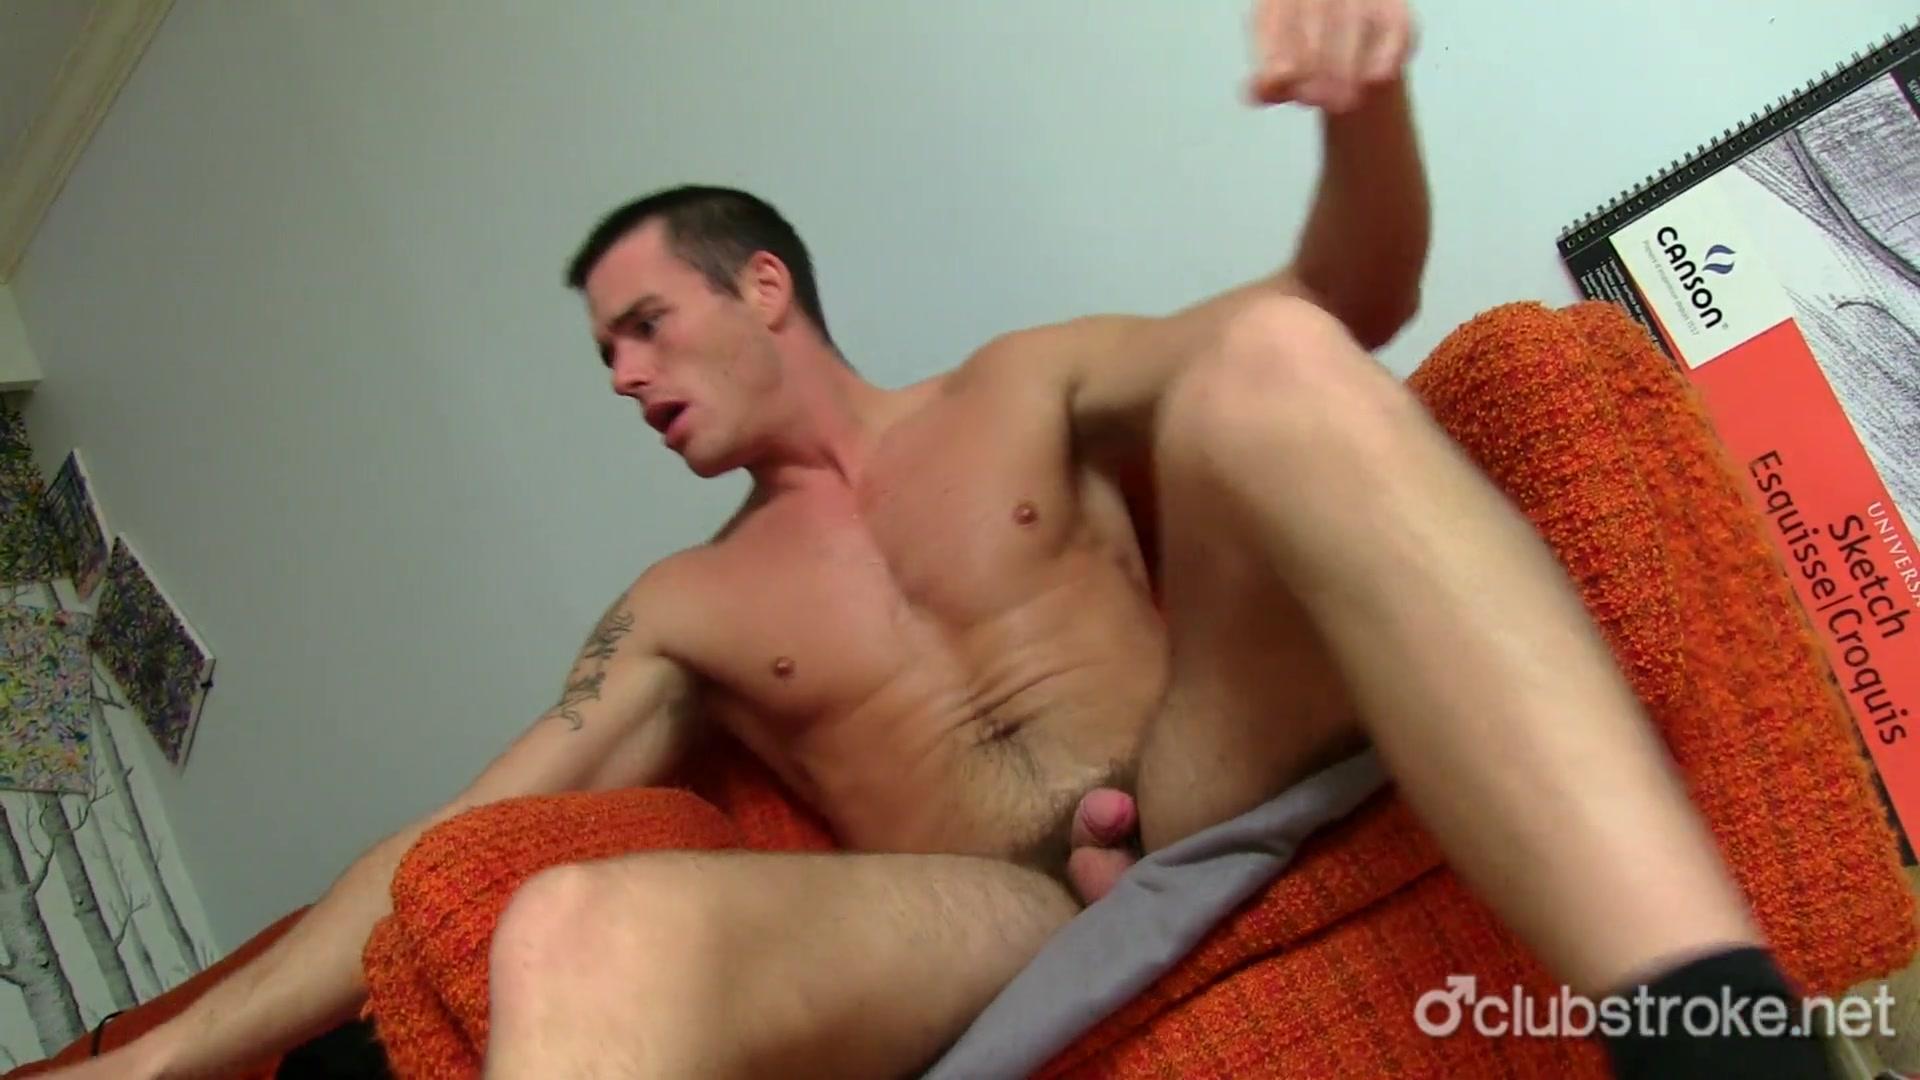 Straight men masturbating video